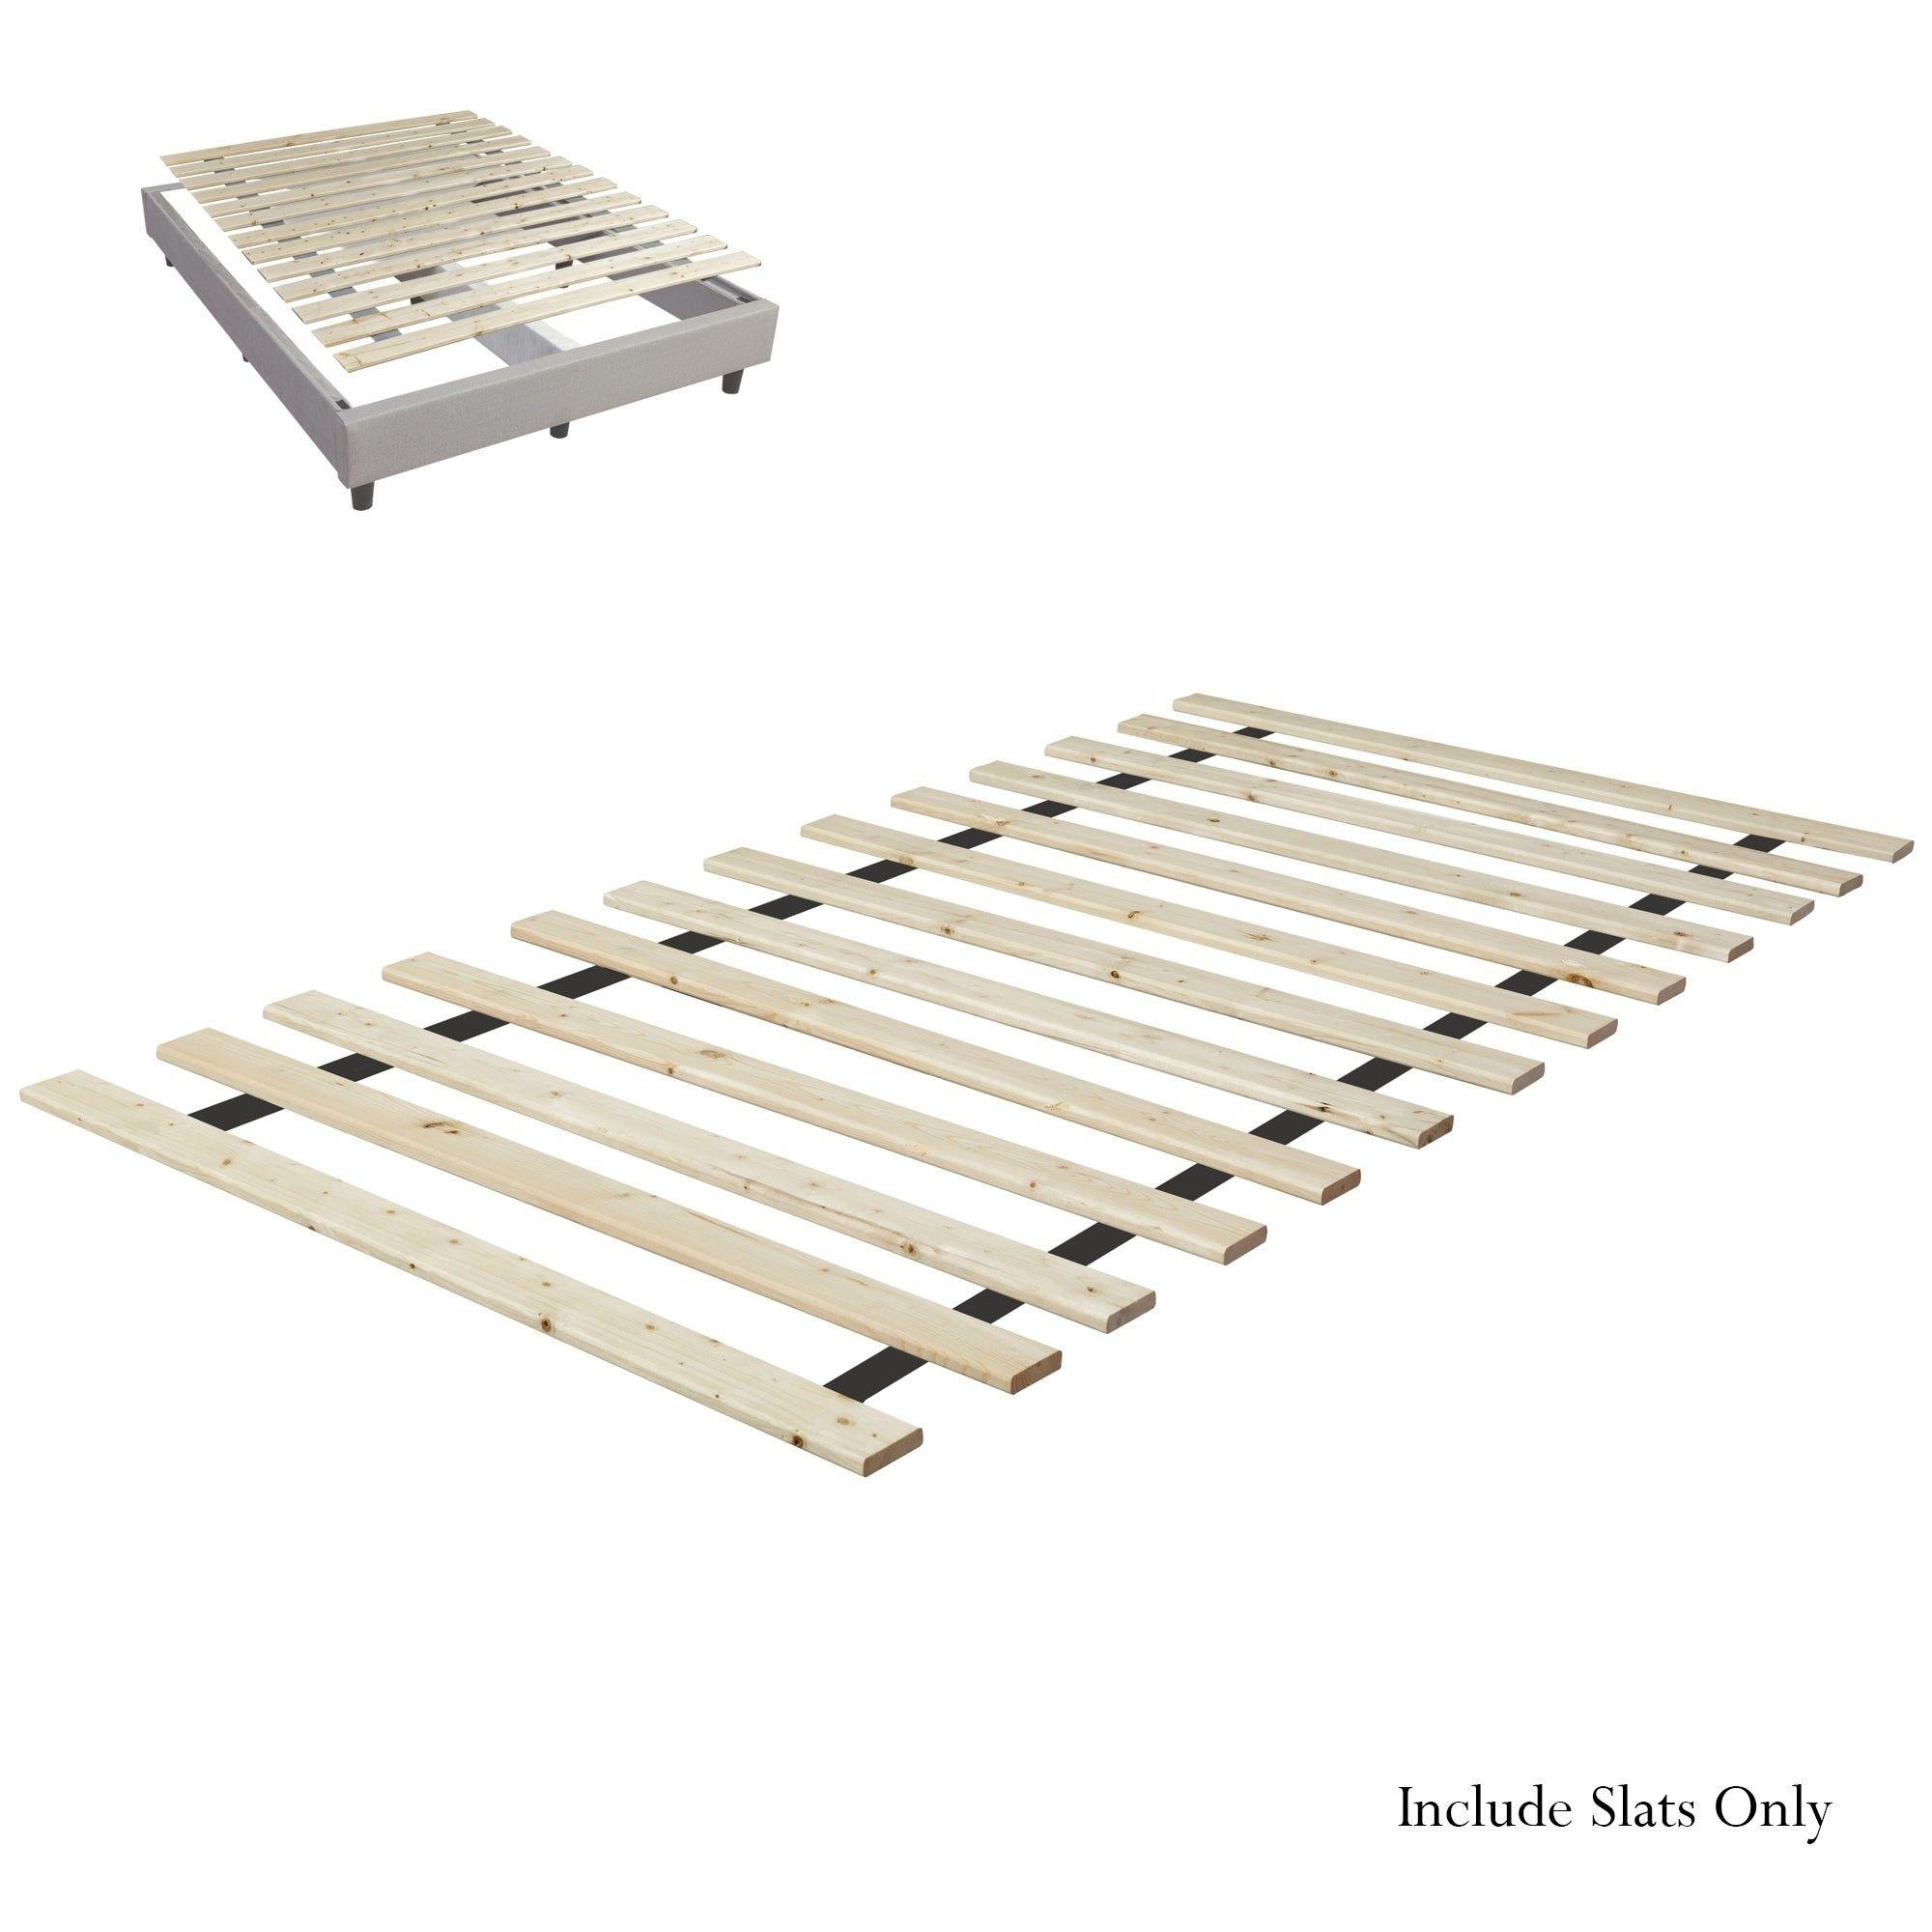 Onetan Heavy Duty Wooden Bed Slats Bunkie Board Frame King Beige Wooden Bed Slats Wooden Bed Frames Wooden Bed